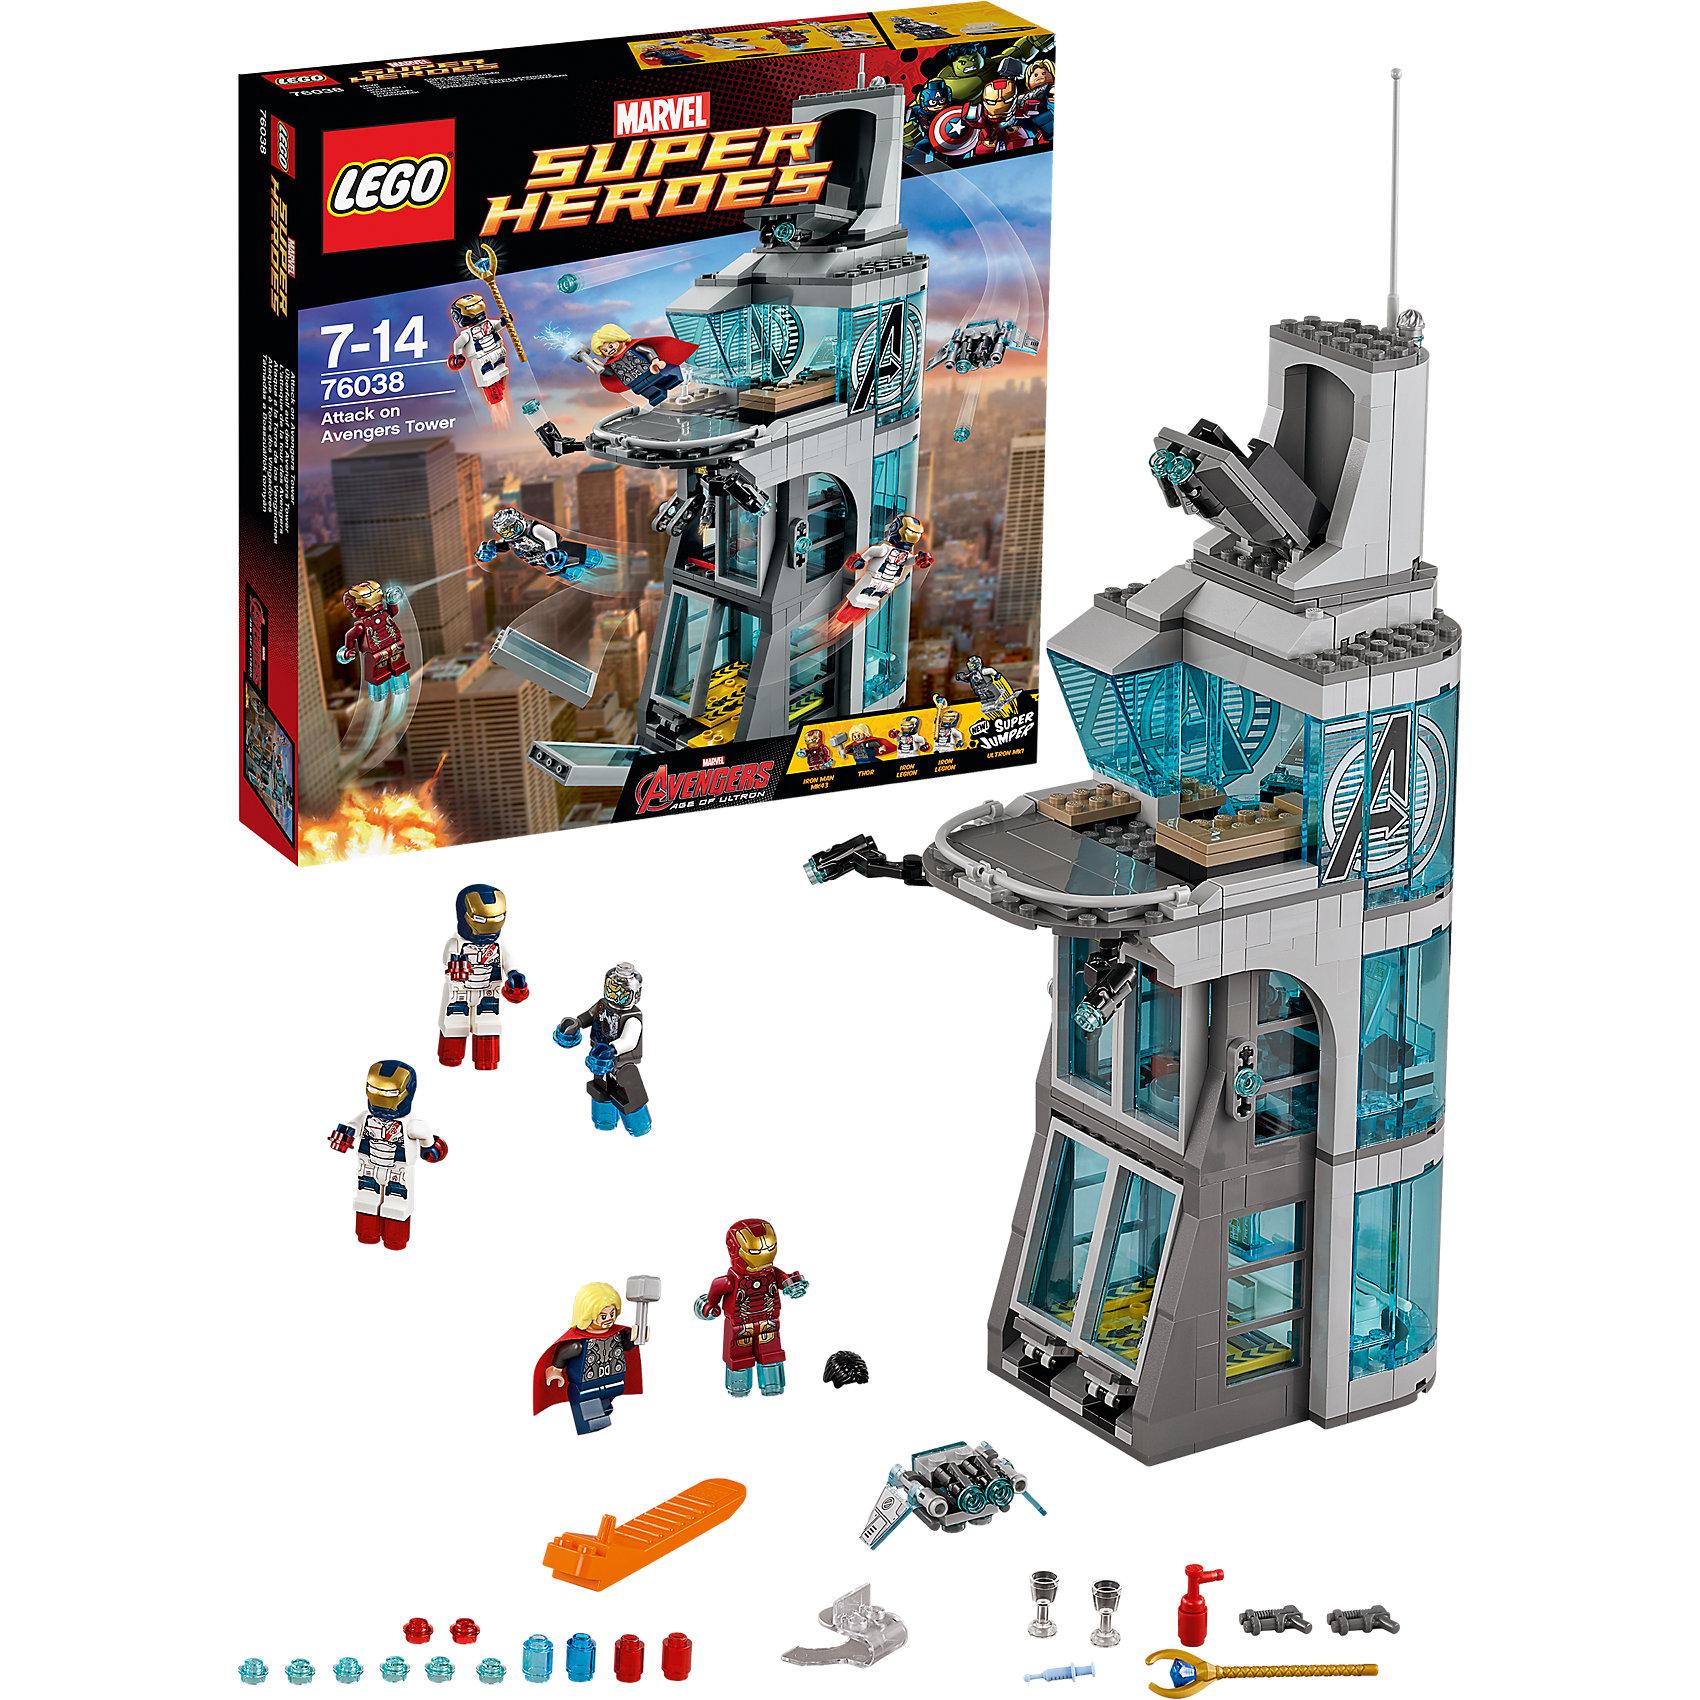 LEGO LEGO Super Heroes 76038: Нападение на башню Мстителей lego lego super heroes 76049 реактивный самолёт мстителей космическая миссия